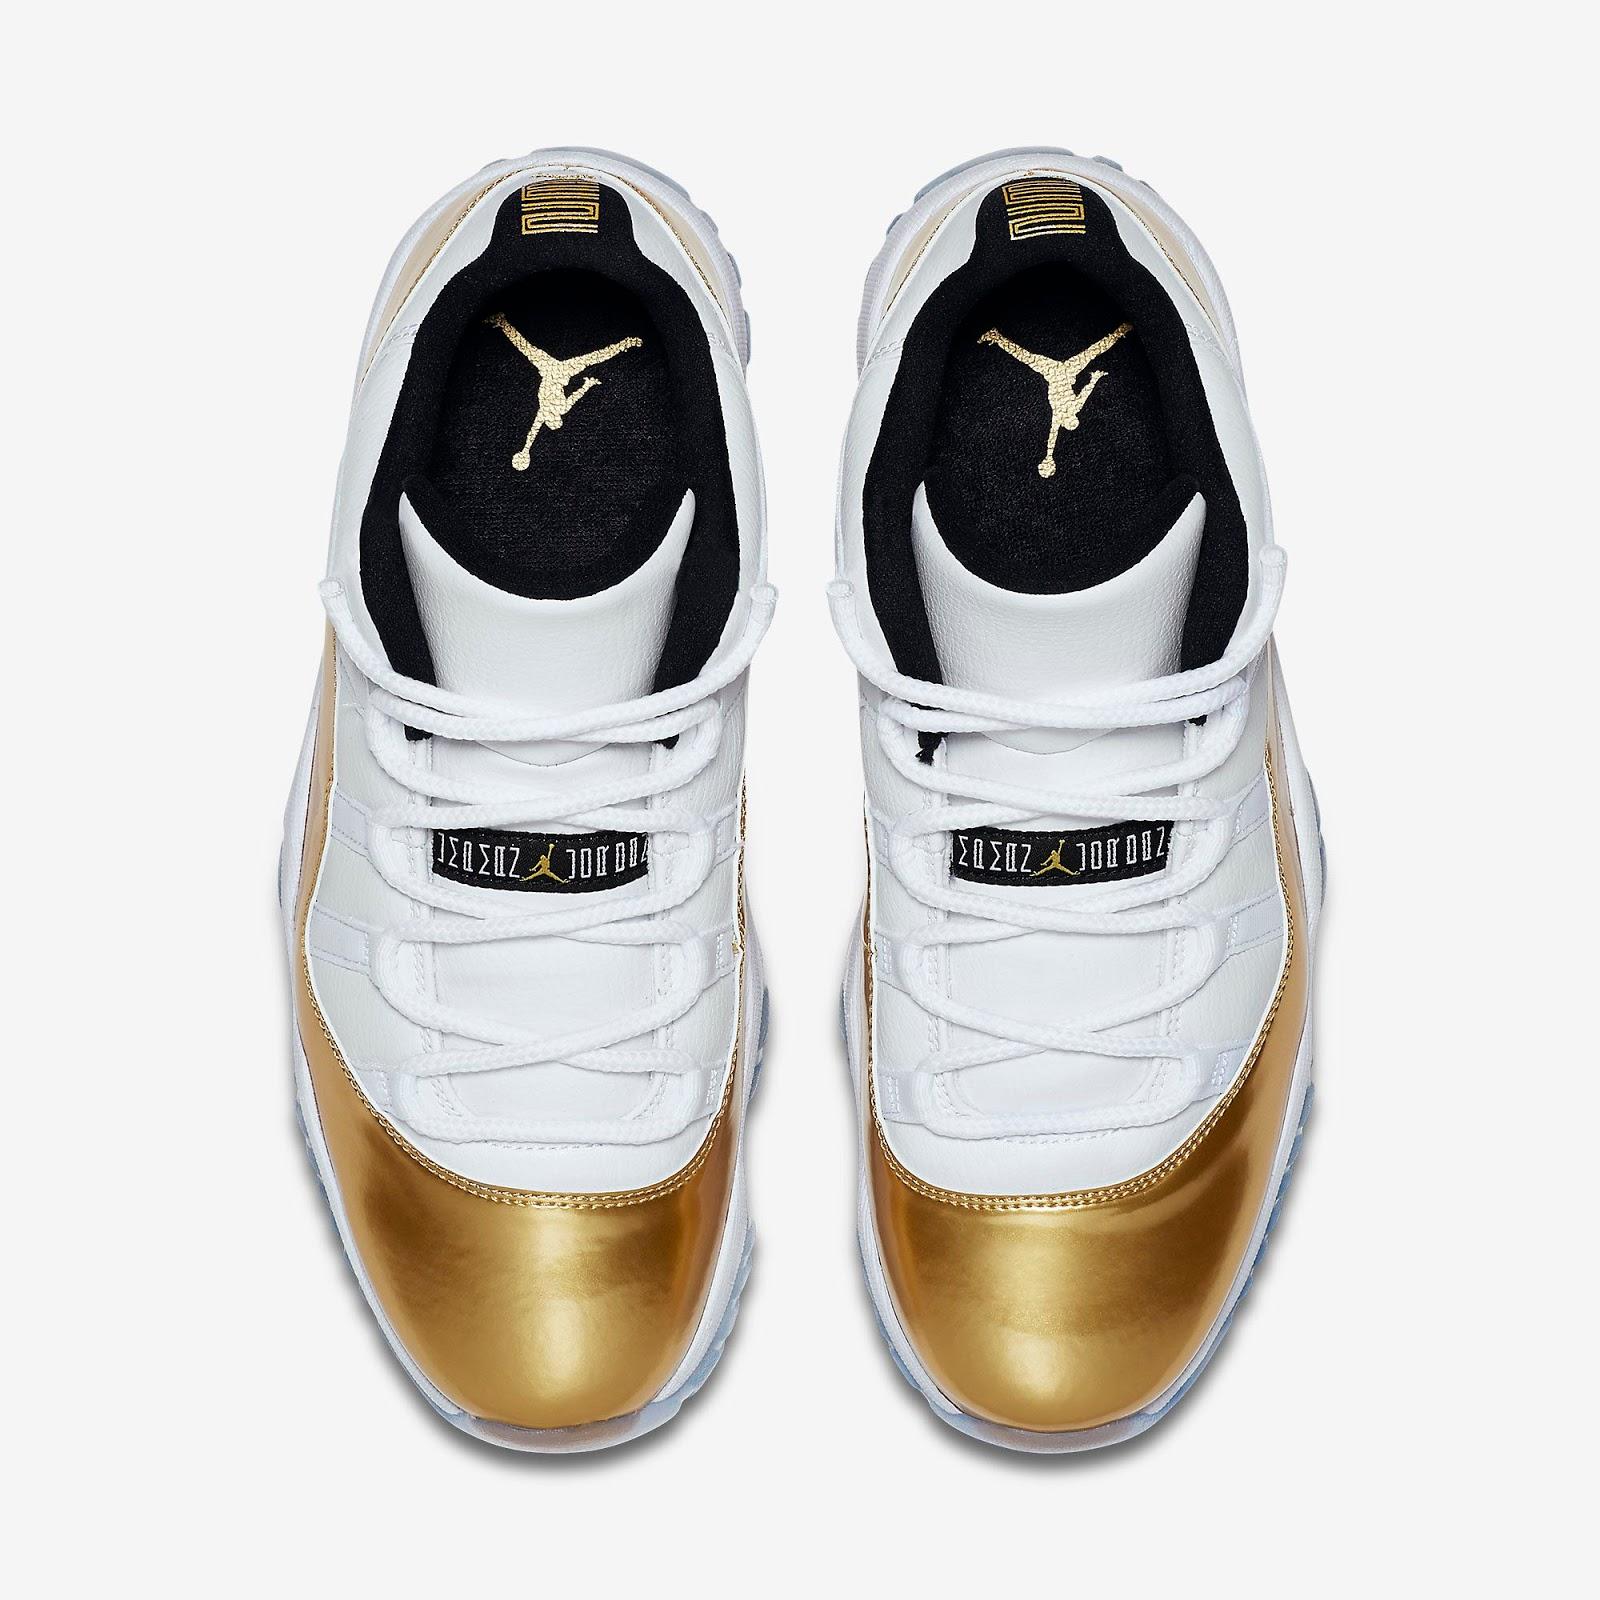 new arrival df70b e2b34 ajordanxi Your  1 Source For Sneaker Release Dates  Air Jordan 11 ...